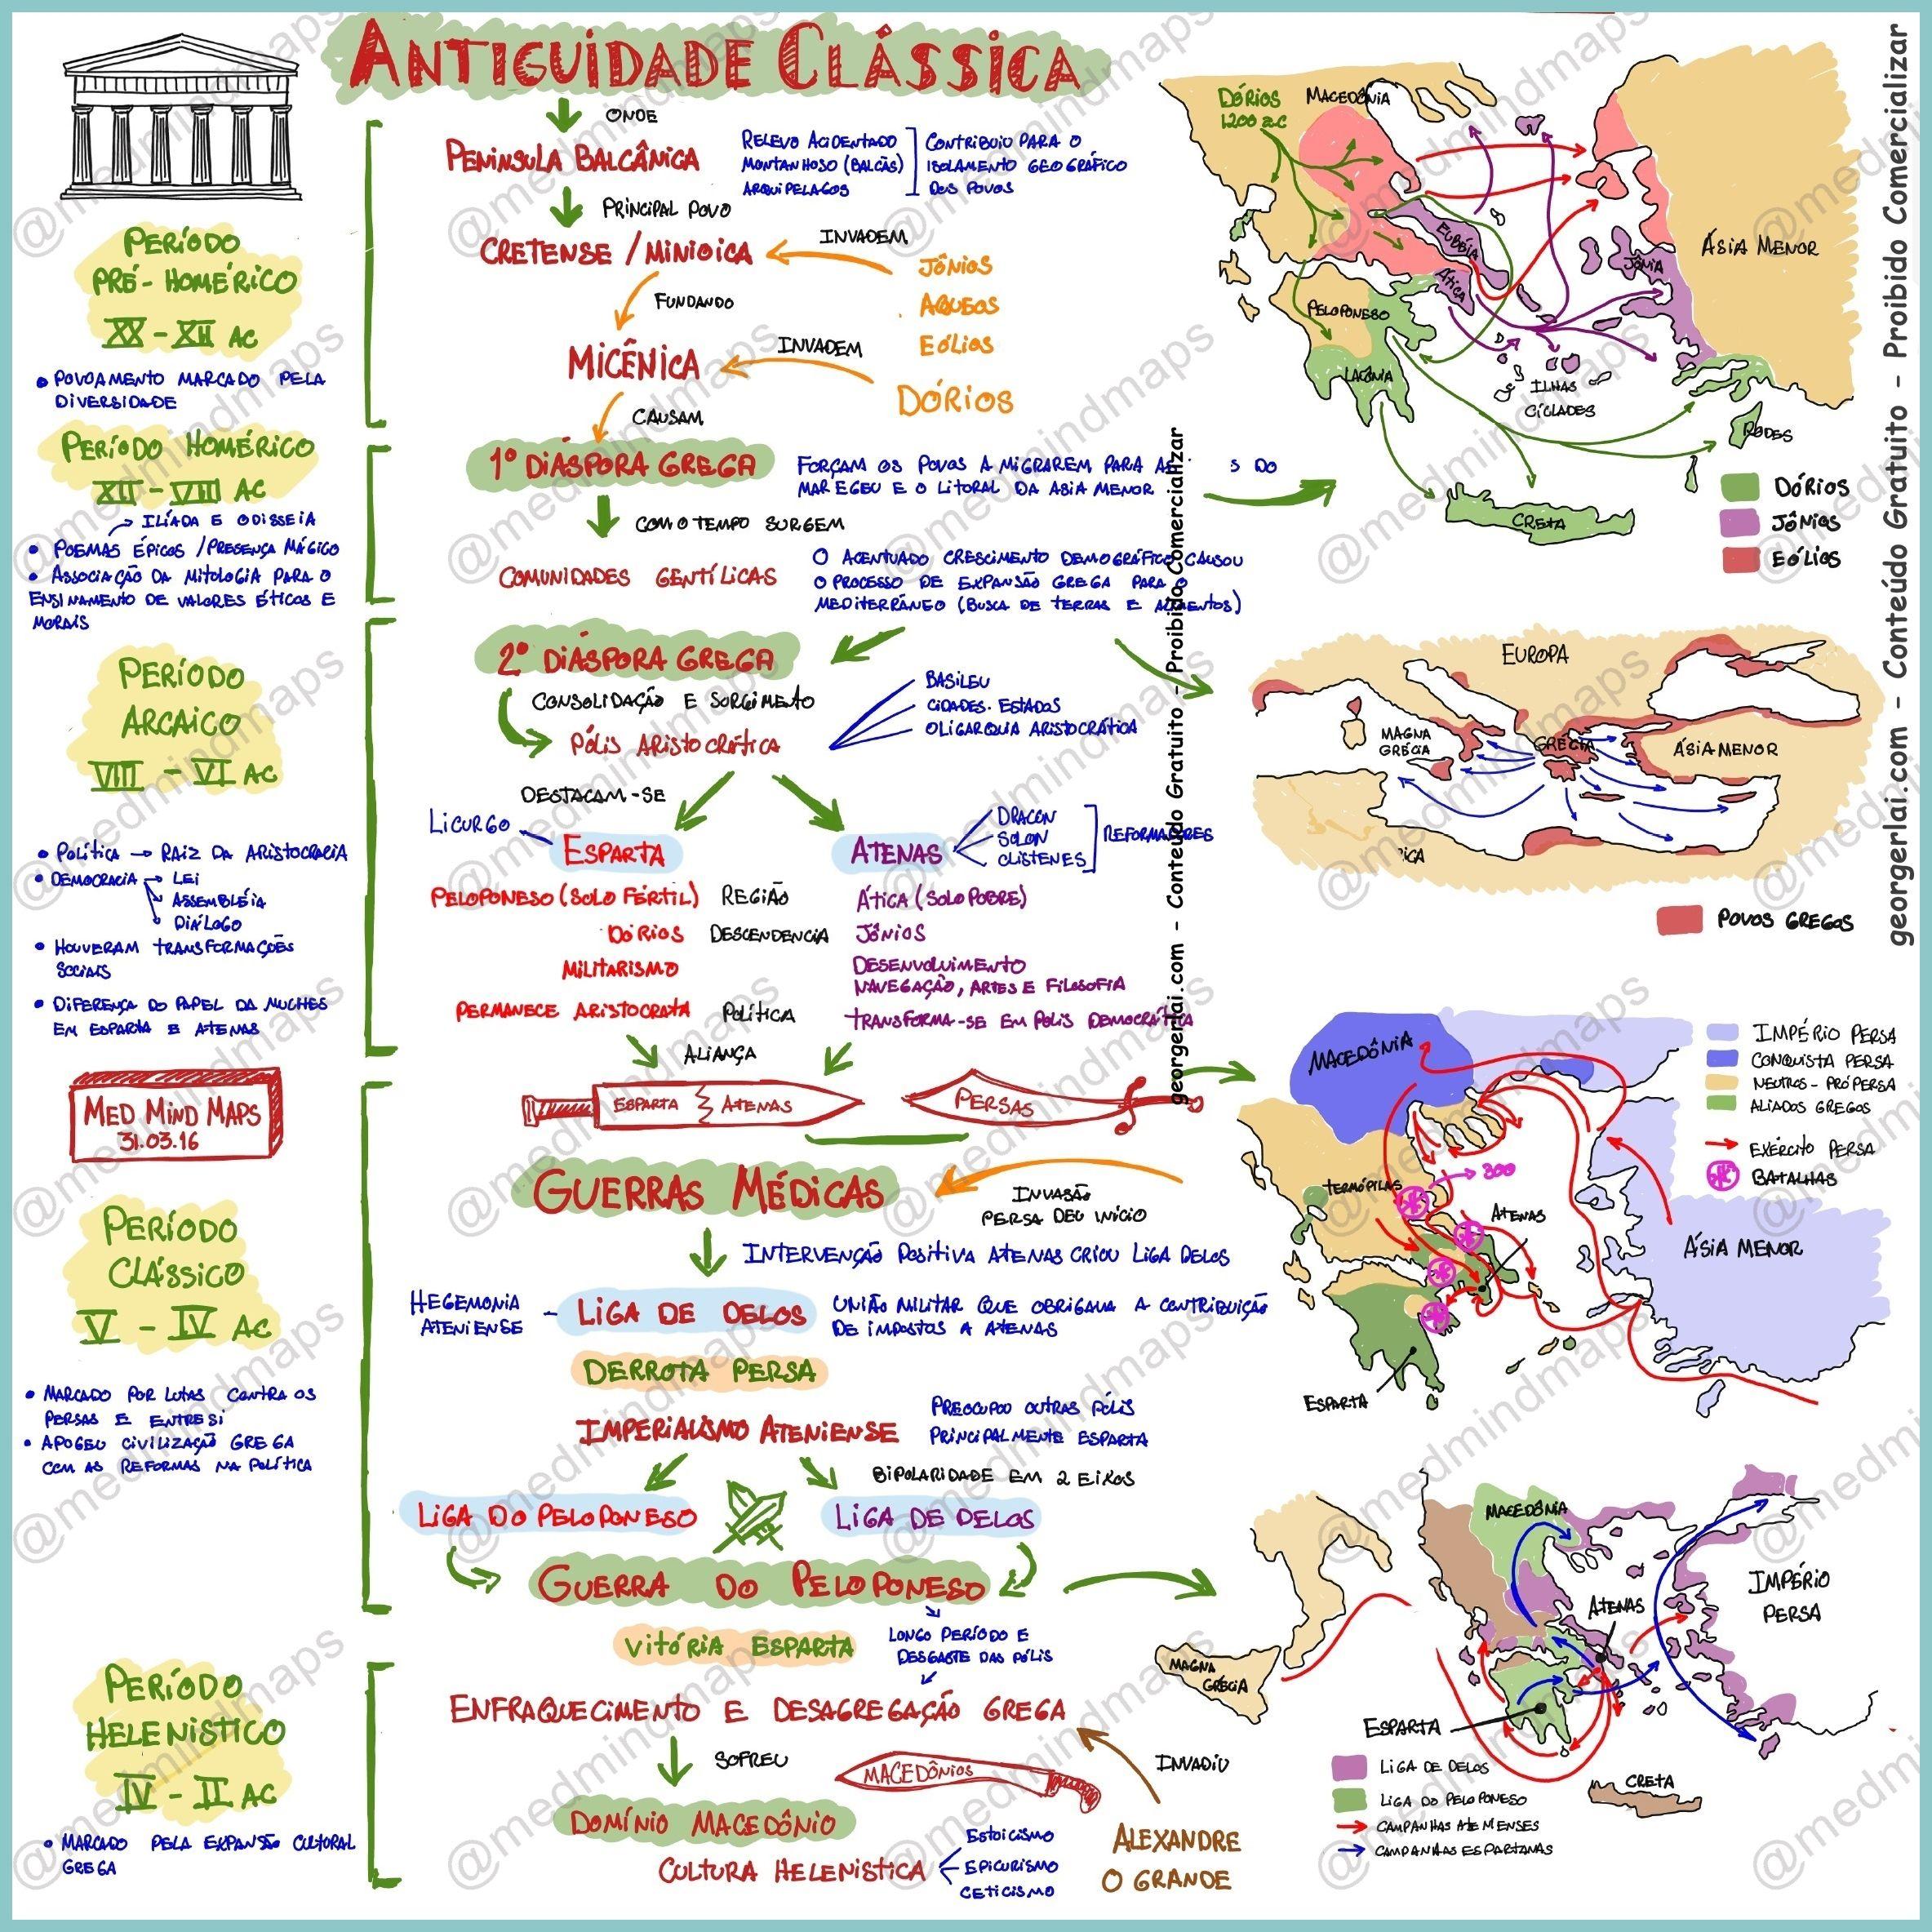 Mapa Mental Antiguidade Classica Grecia Mind Maps Enem